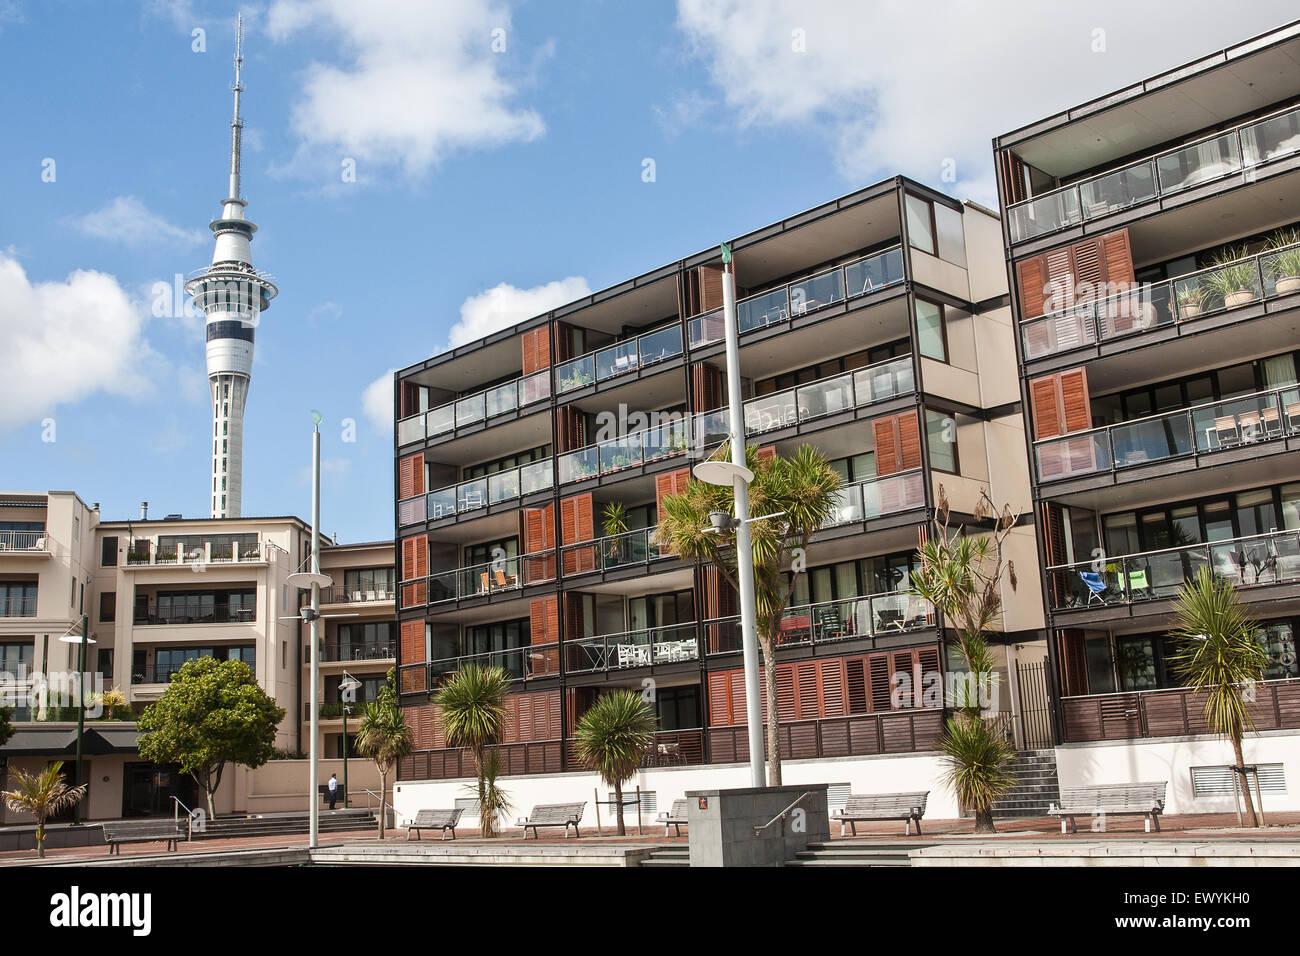 Immobilien In Neuseeland teure immobilien, wohn-wohnung block, wohnungen in der nähe von